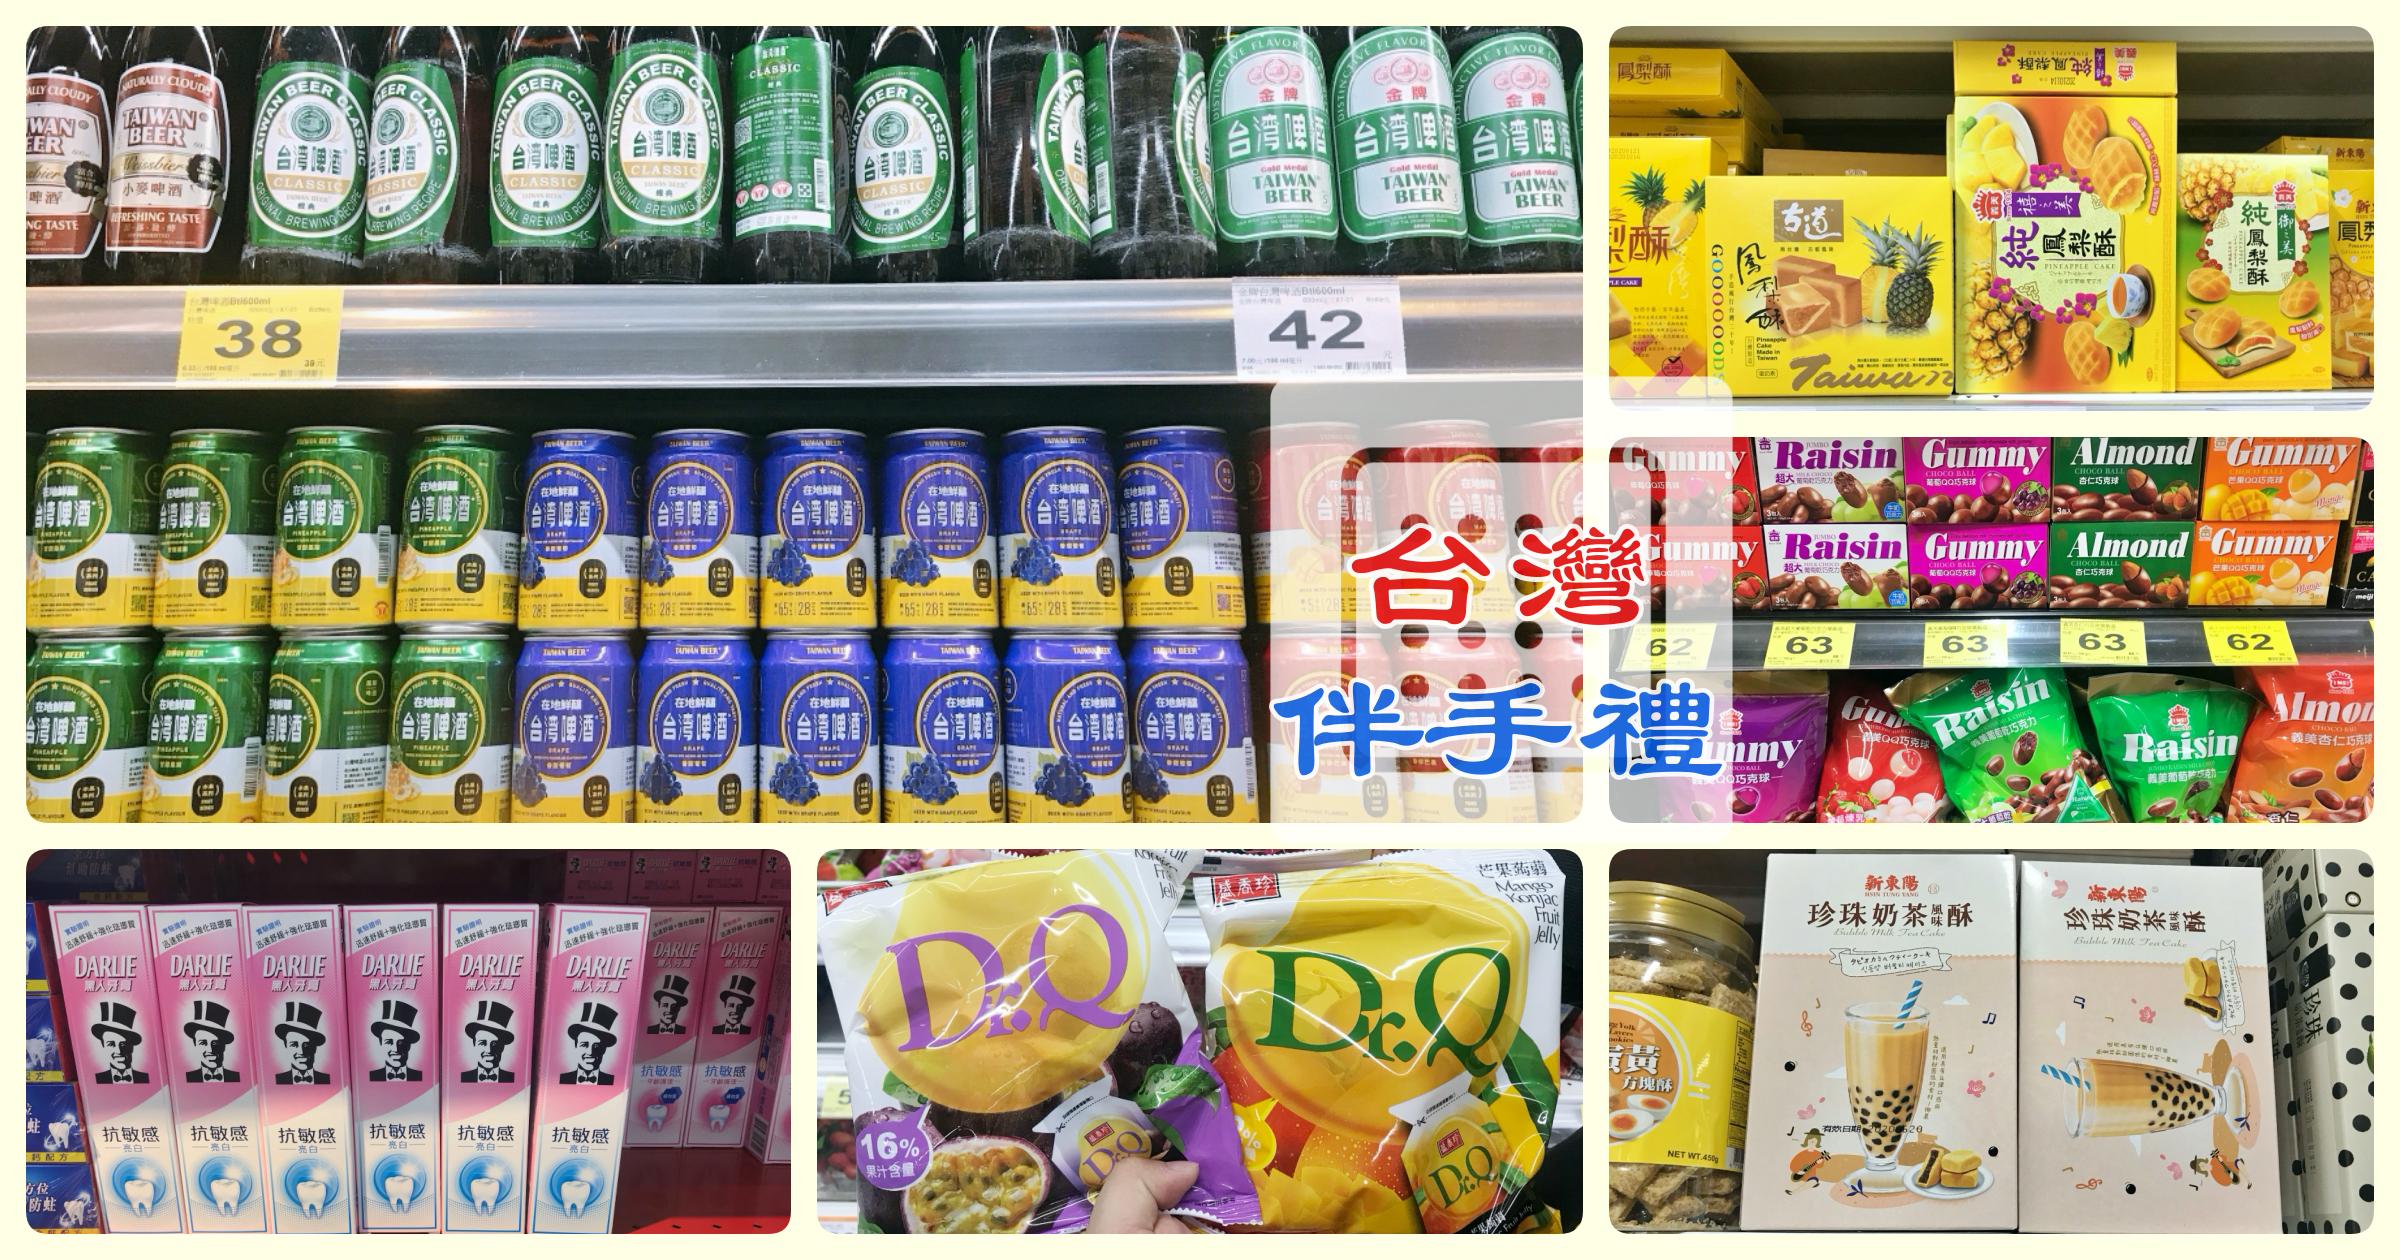 最新推播訊息:[台灣必買]台灣伴手禮、手信蒐集15項熱賣商品~餅乾零食、生活用品、藥妝商品一次購足